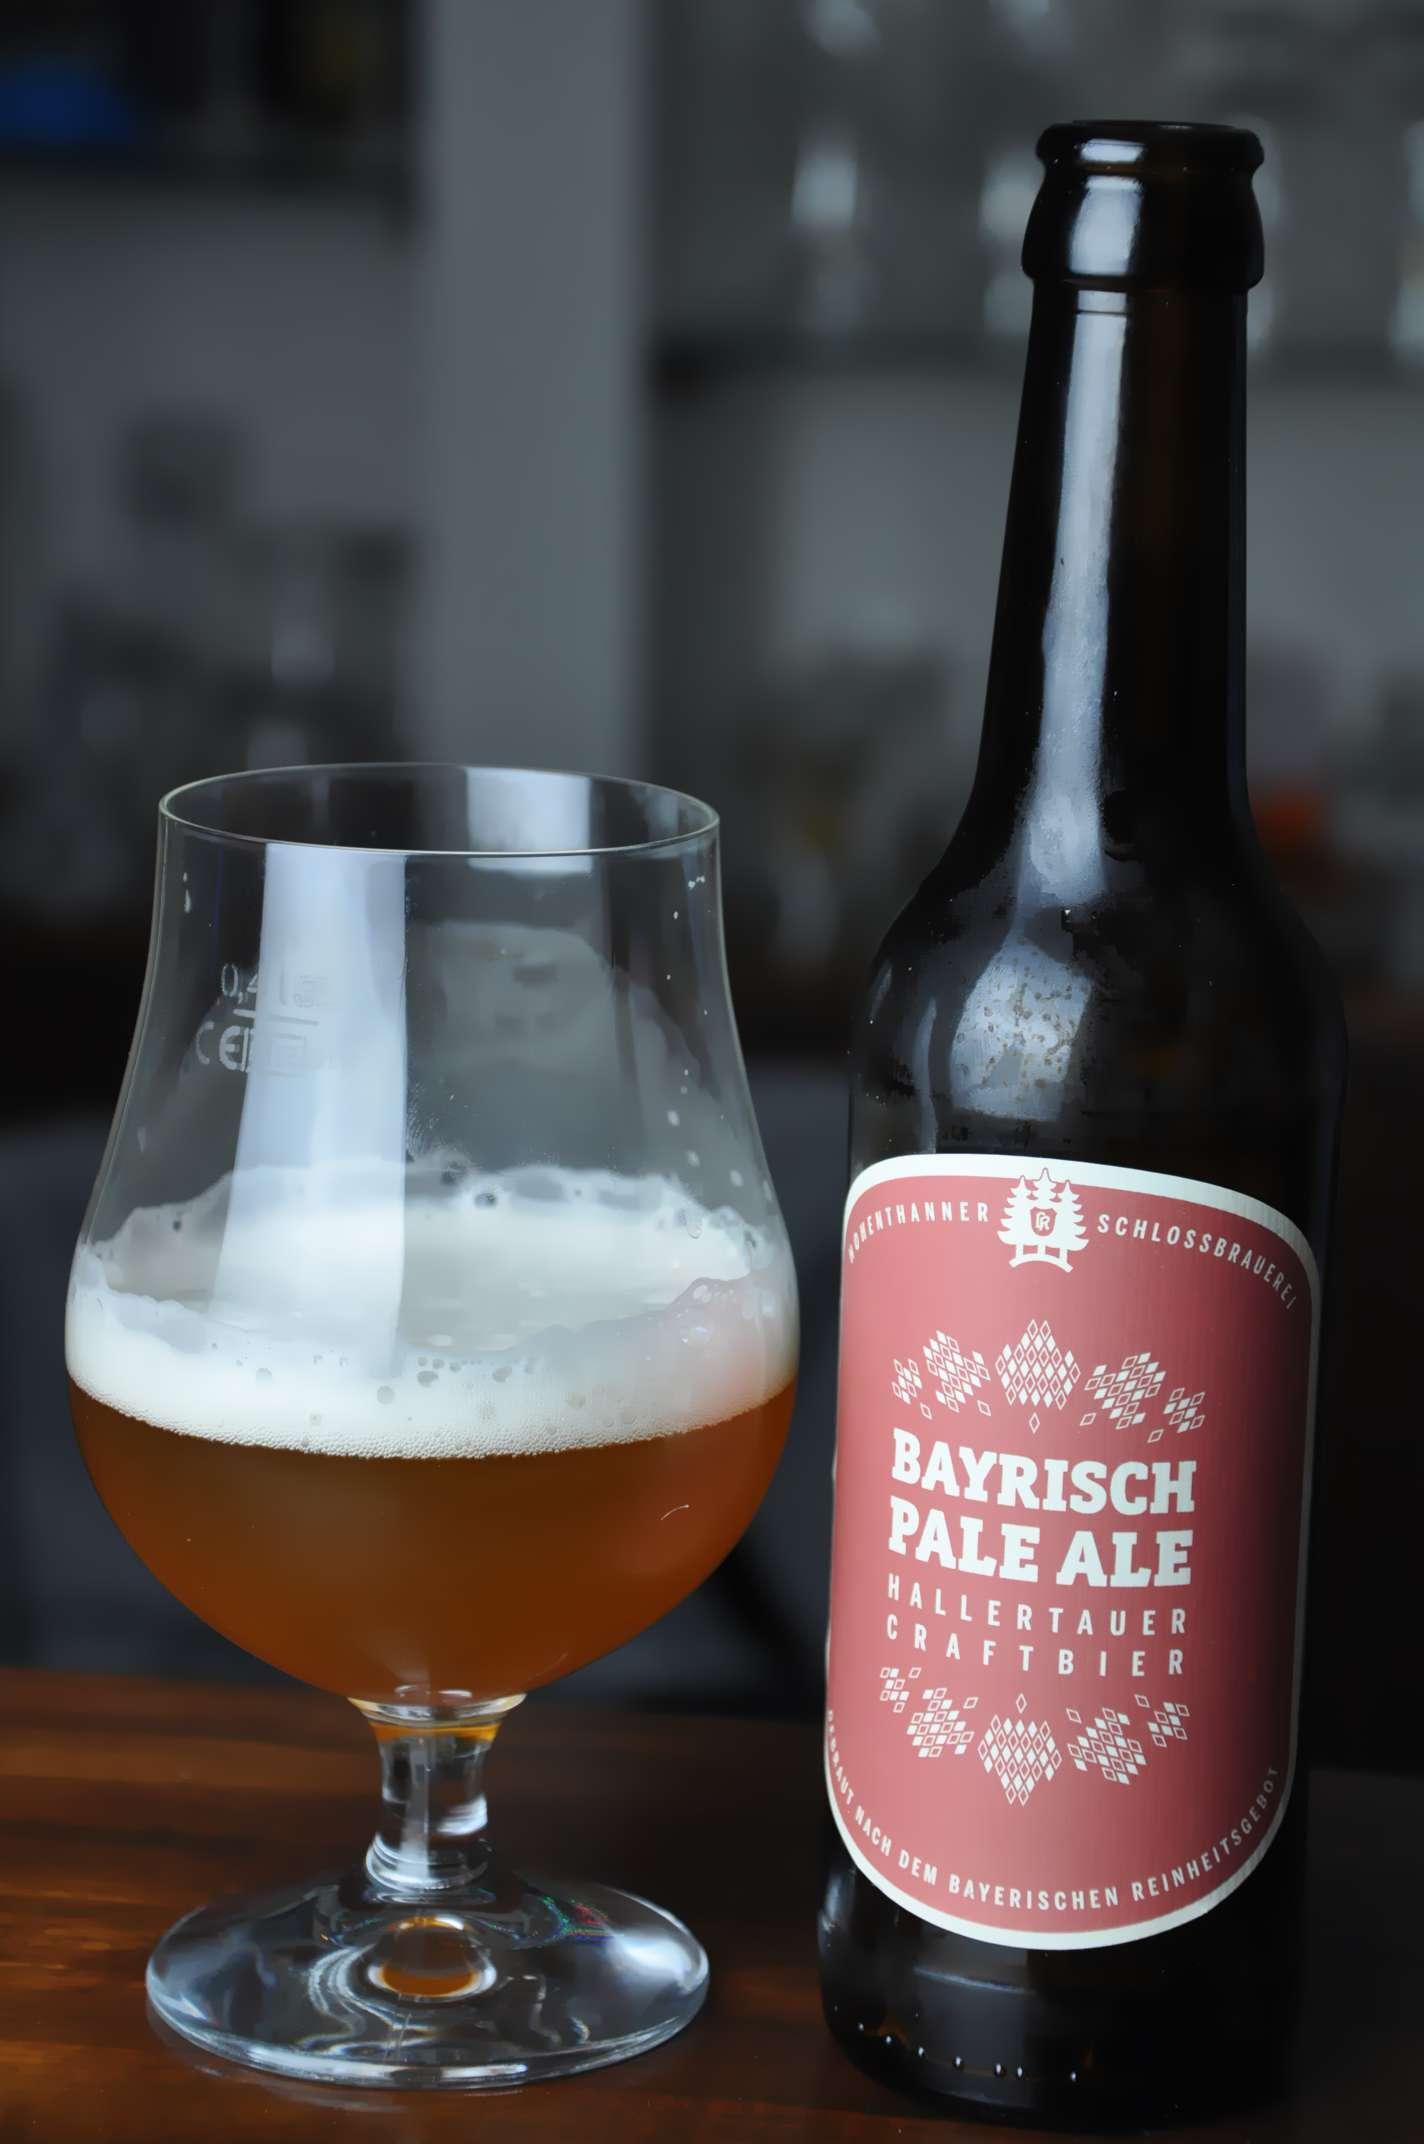 BayrischPaleAle